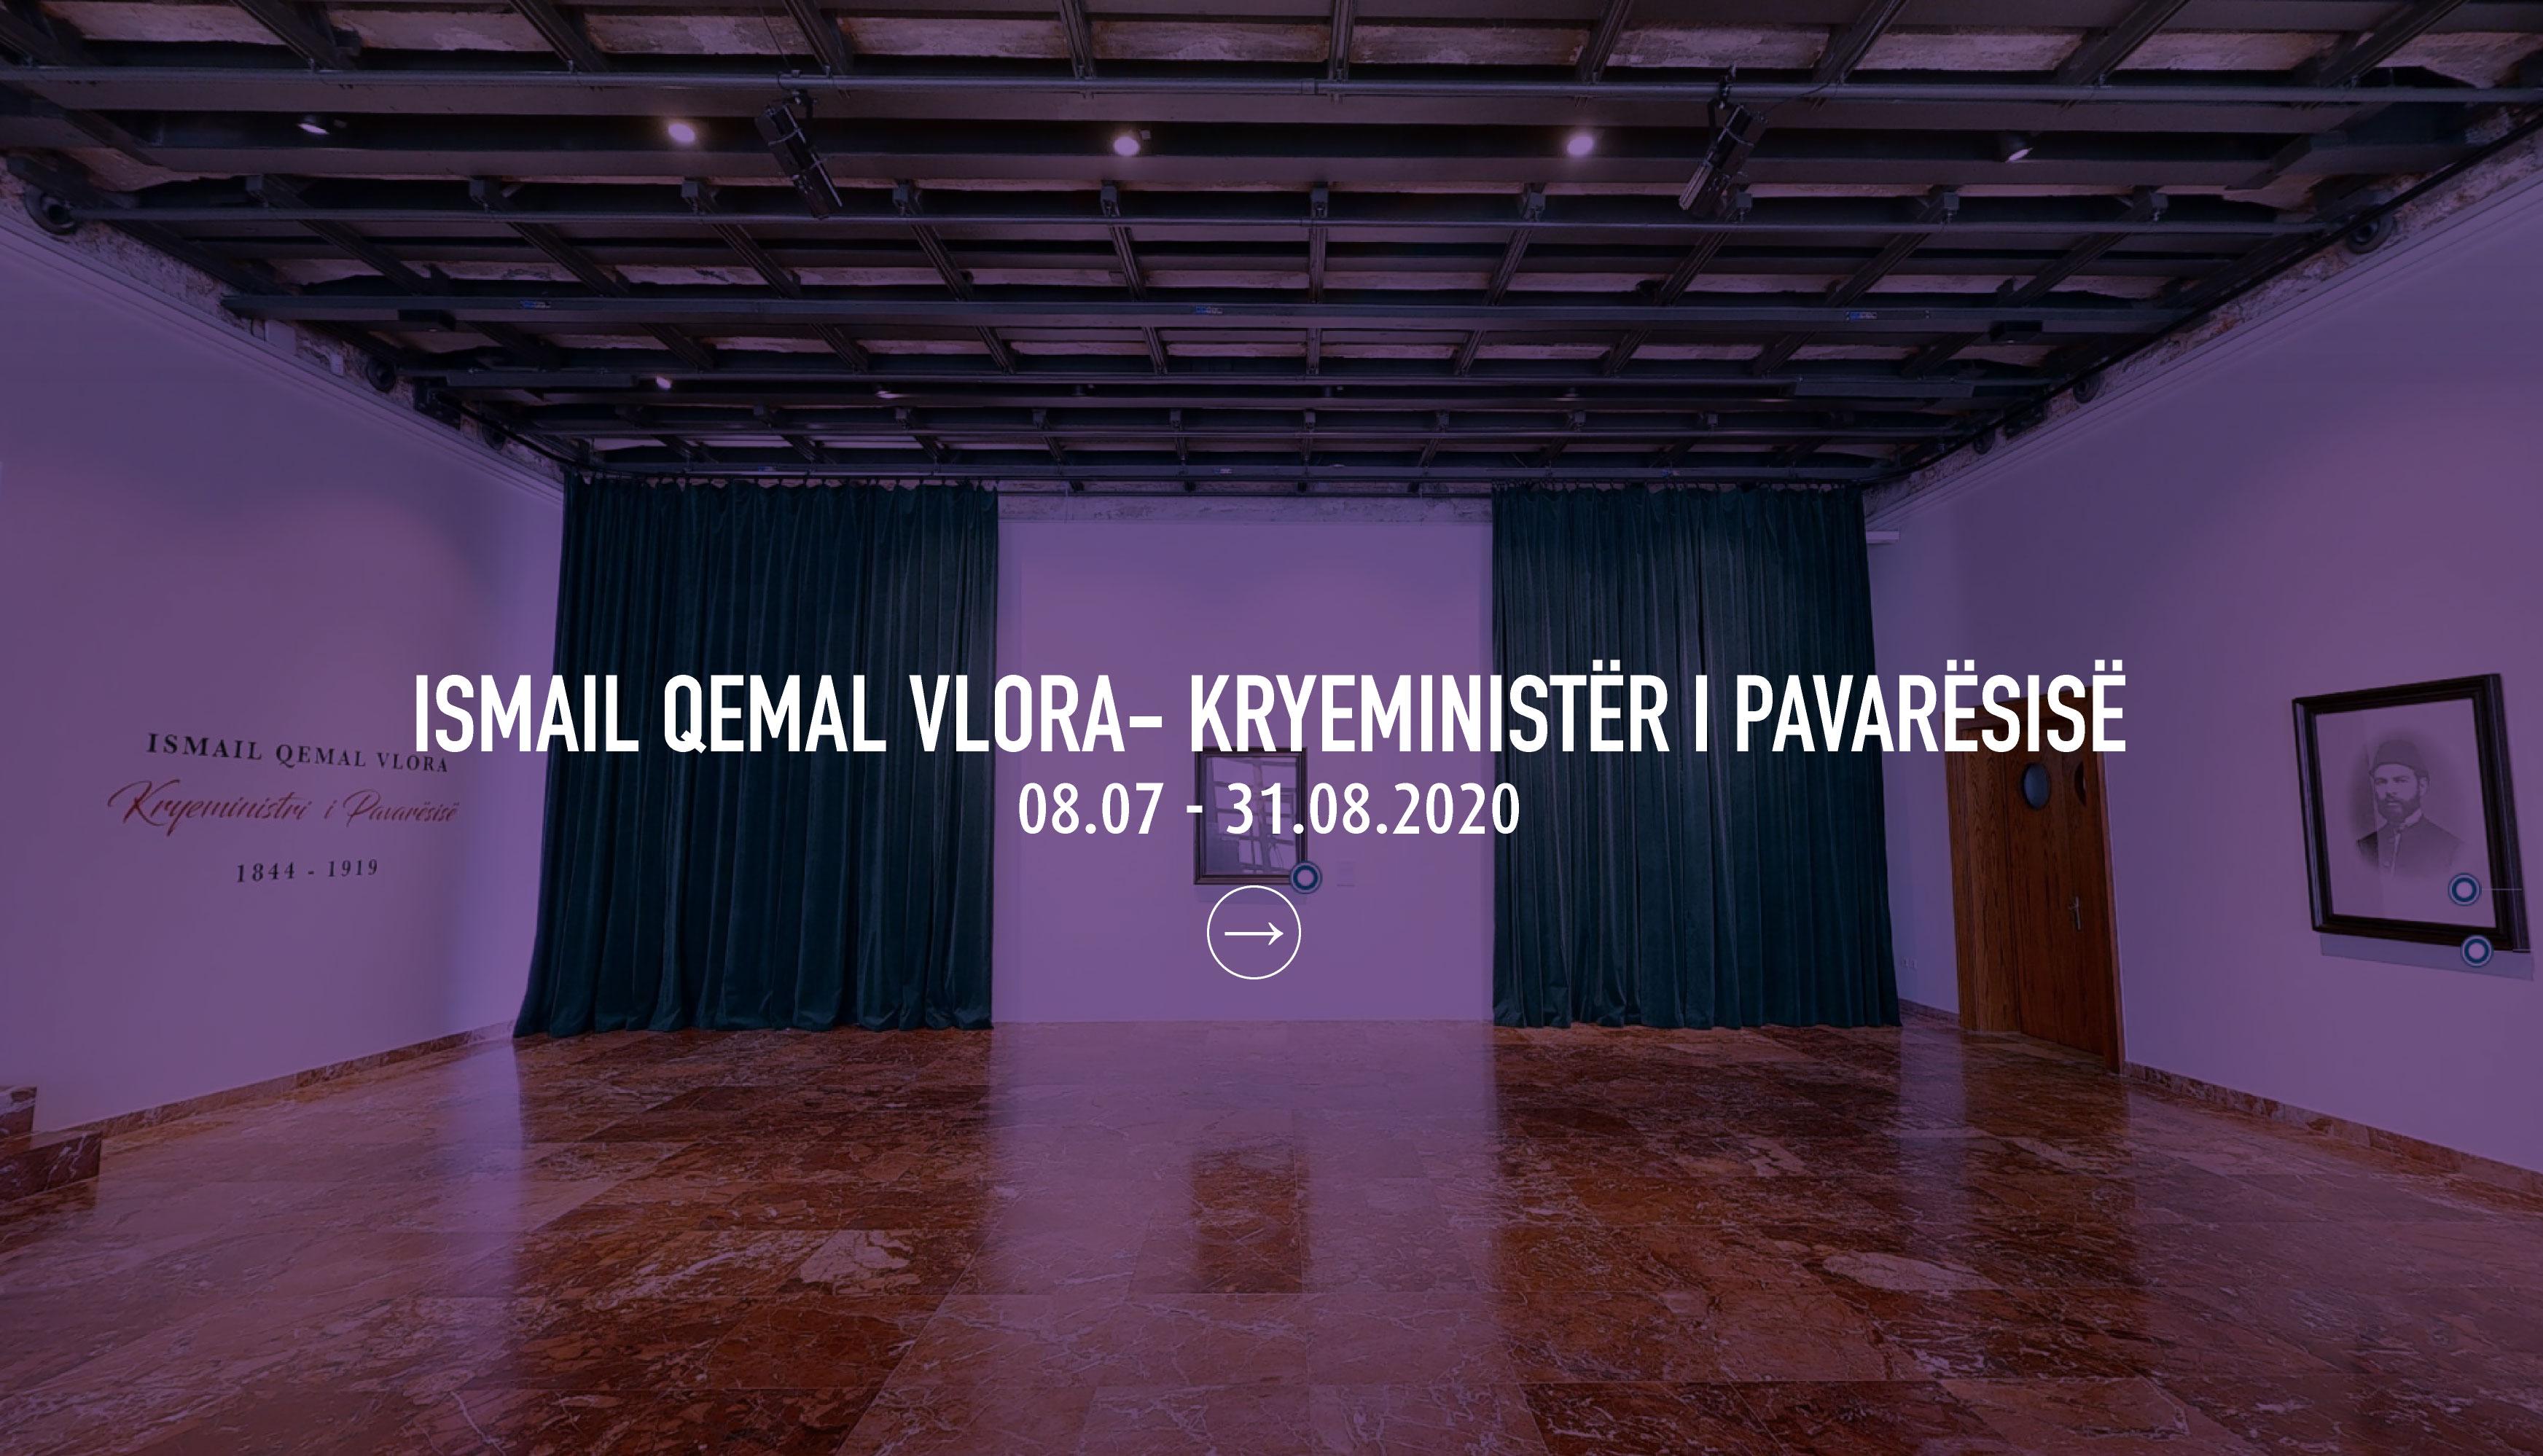 ismail-Qemal-Vlora--Kryeministër-i-Pavarësisë